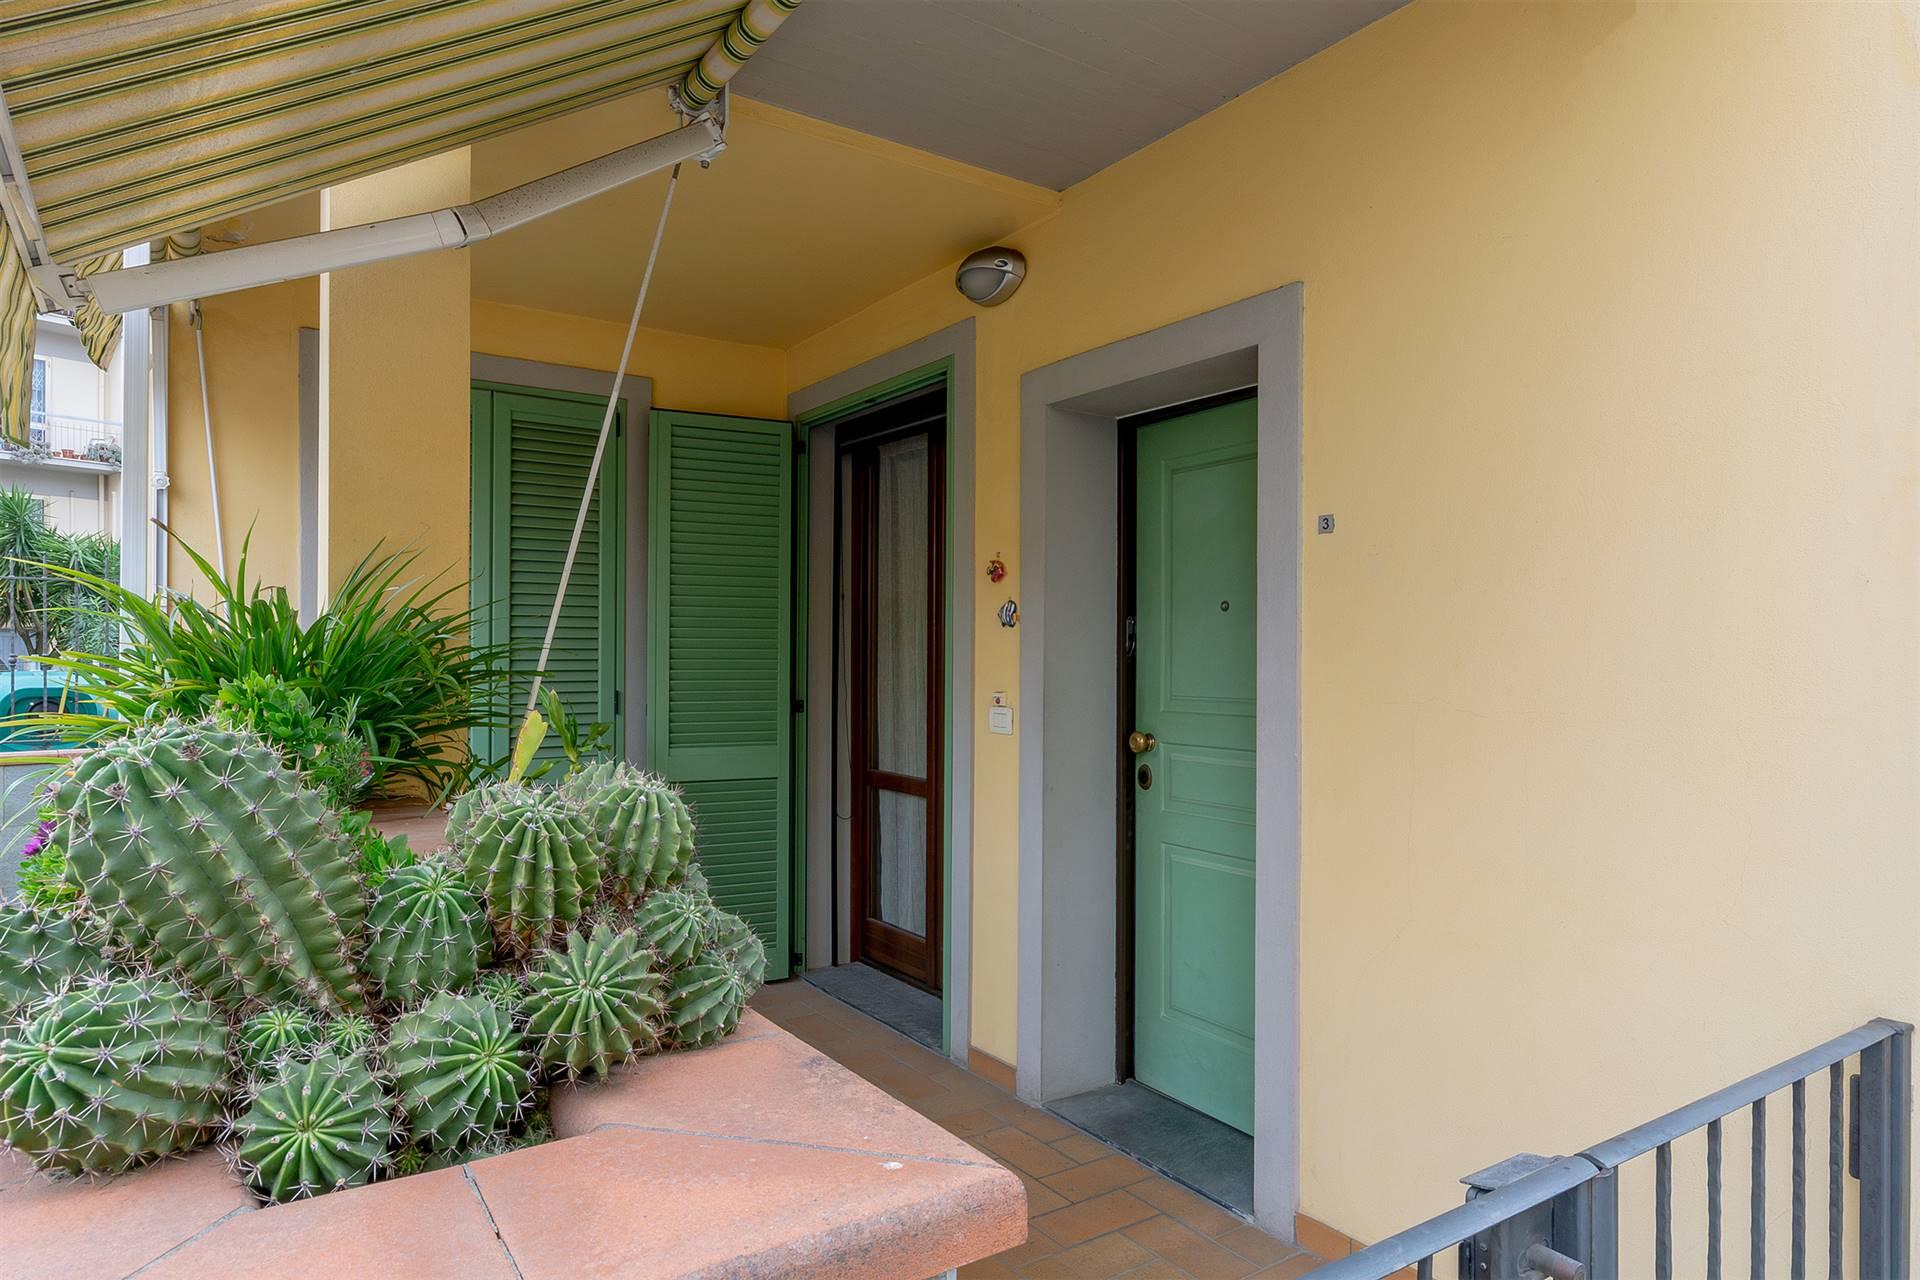 NOSTRA ESCLUSIVA. Campi Bisenzio, piazza Aldo Moro pressi, in contesto centrale e ben servito, proponiamo in vendita delizioso appartamento TRIVANI